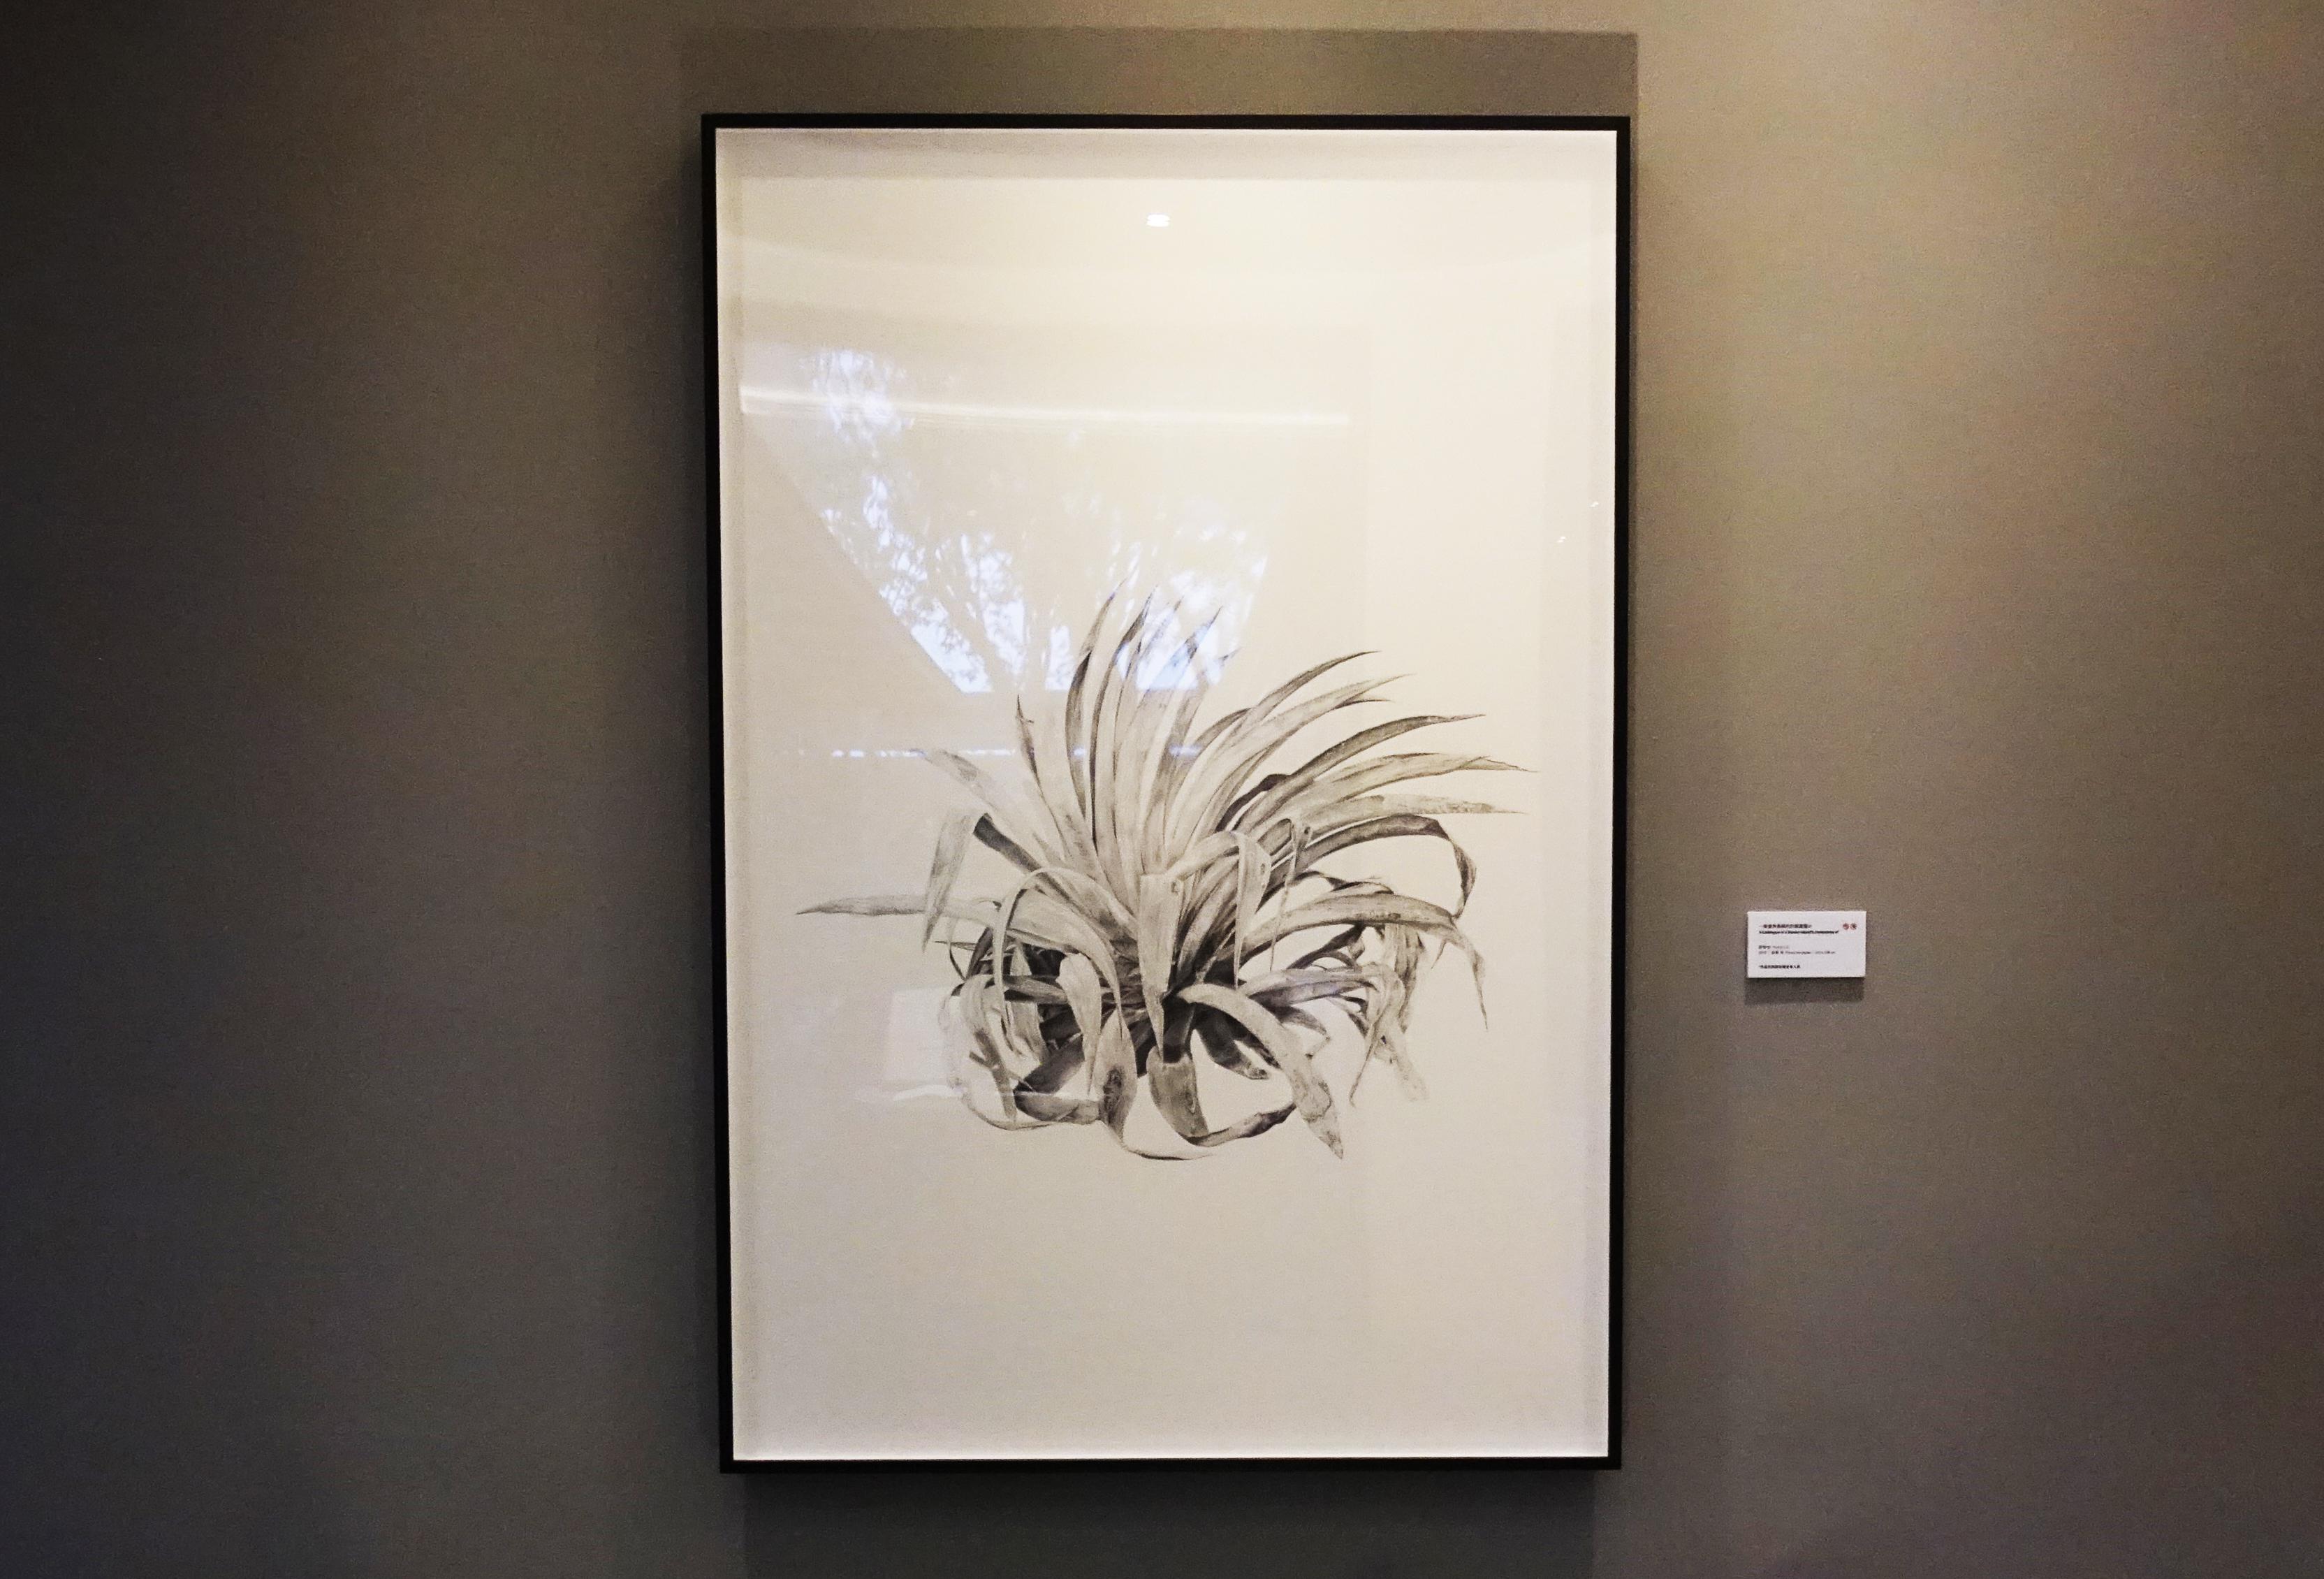 劉芸怡,《一座邊界島嶼的防禦圖鑑VI》,150 X 100 cm,鉛筆、紙,2019。